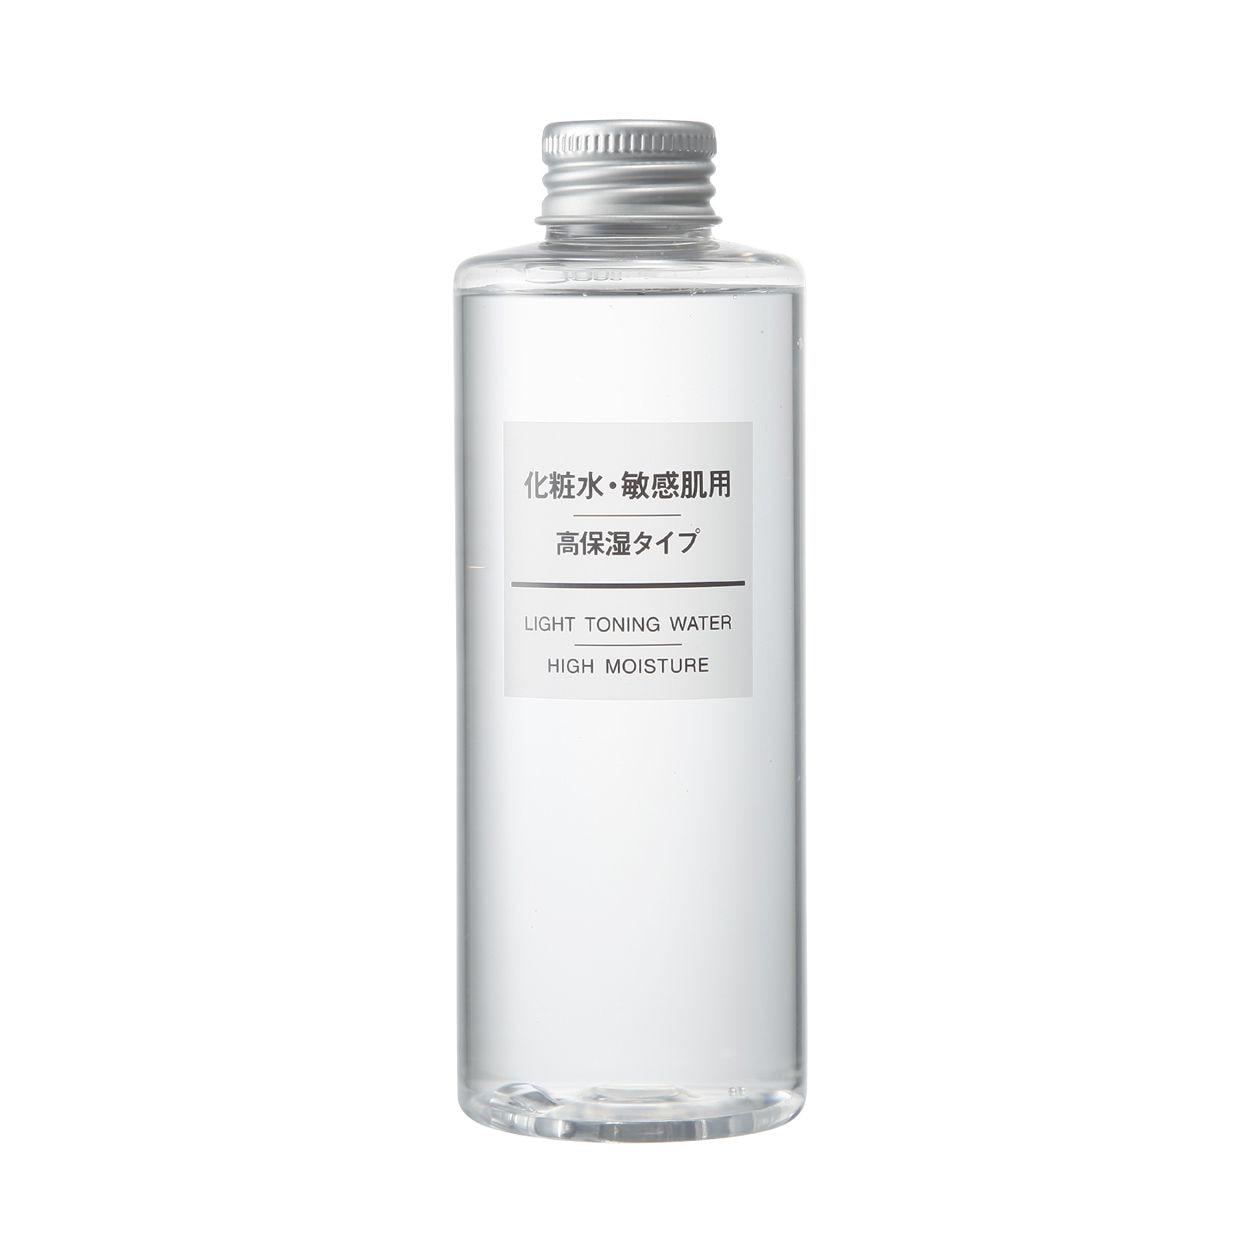 MUJI敏感肌化妝水(保濕型) 200ml | 無印良品